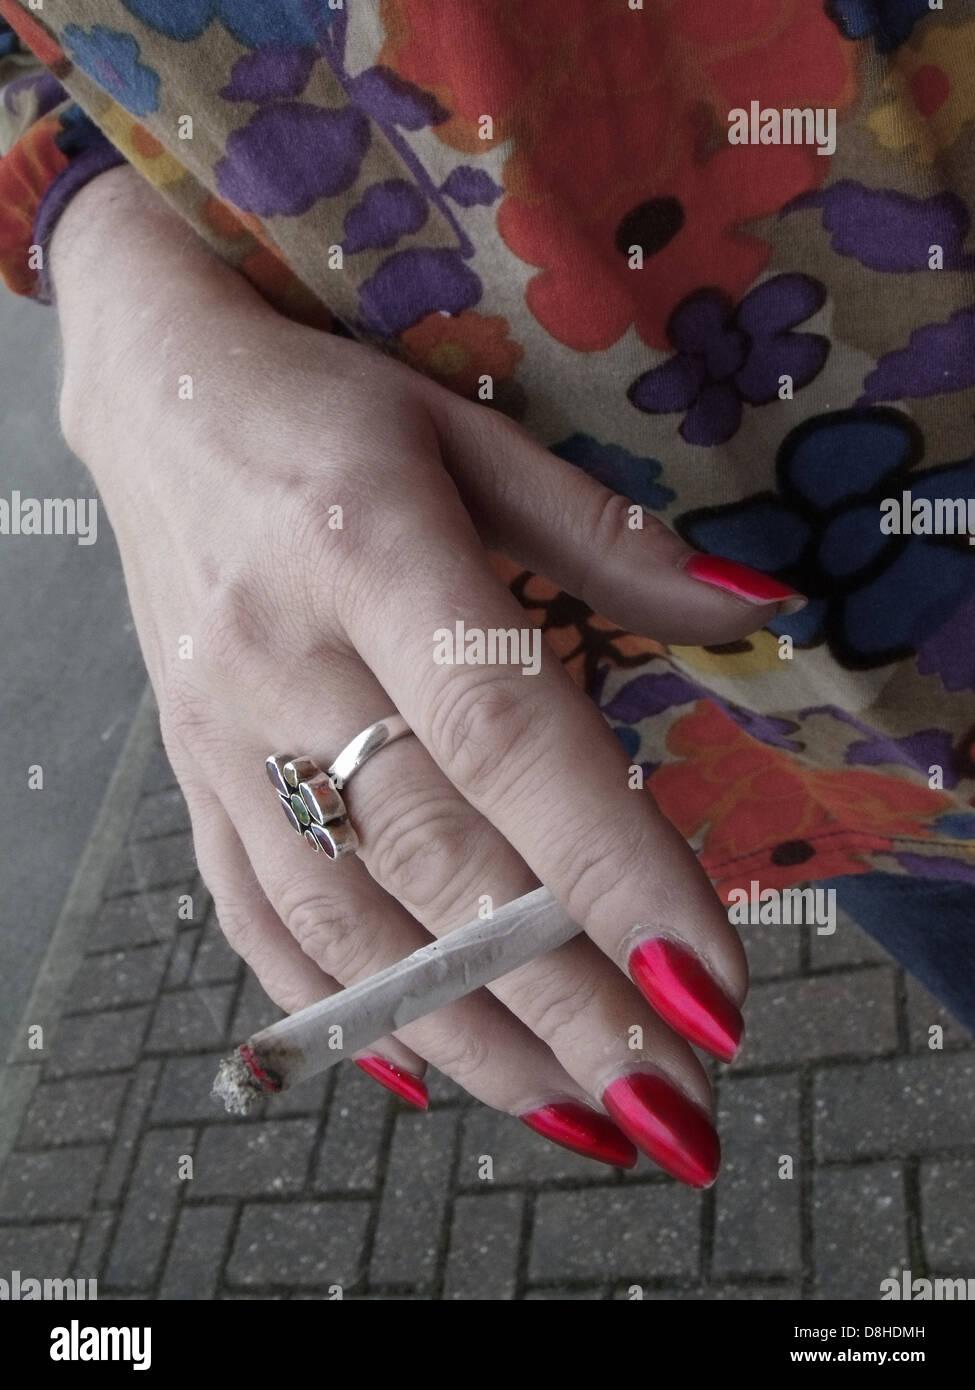 Laden Sie dieses Alamy Stockfoto Lady-Raucher eine hausgemachte Roll hochhält, Rauchen außerhalb eines Gebäudes in England, Großbritannien, wo ein Rauchverbot in öffentlichen Räumen in Kraft - D8HDMH